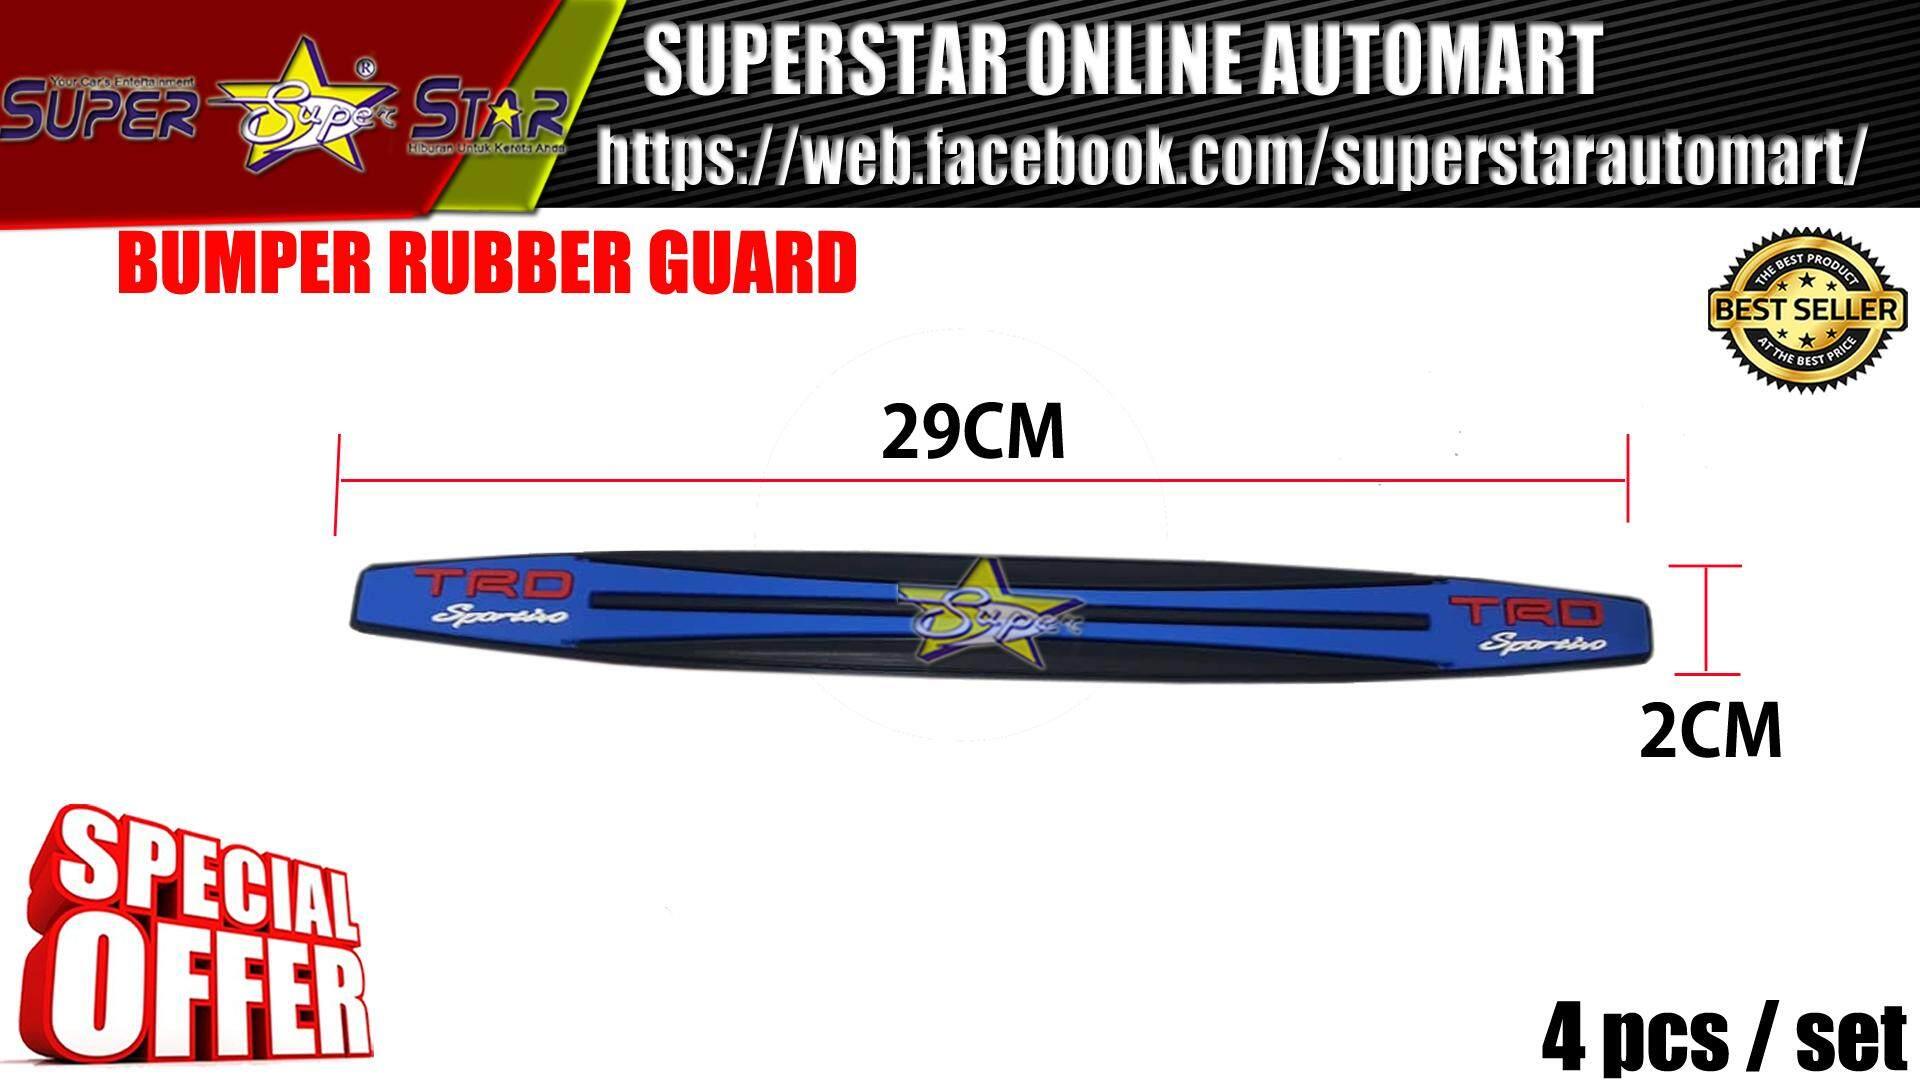 BUMPER RUBBER GUARD TRD BIG (BLUE)